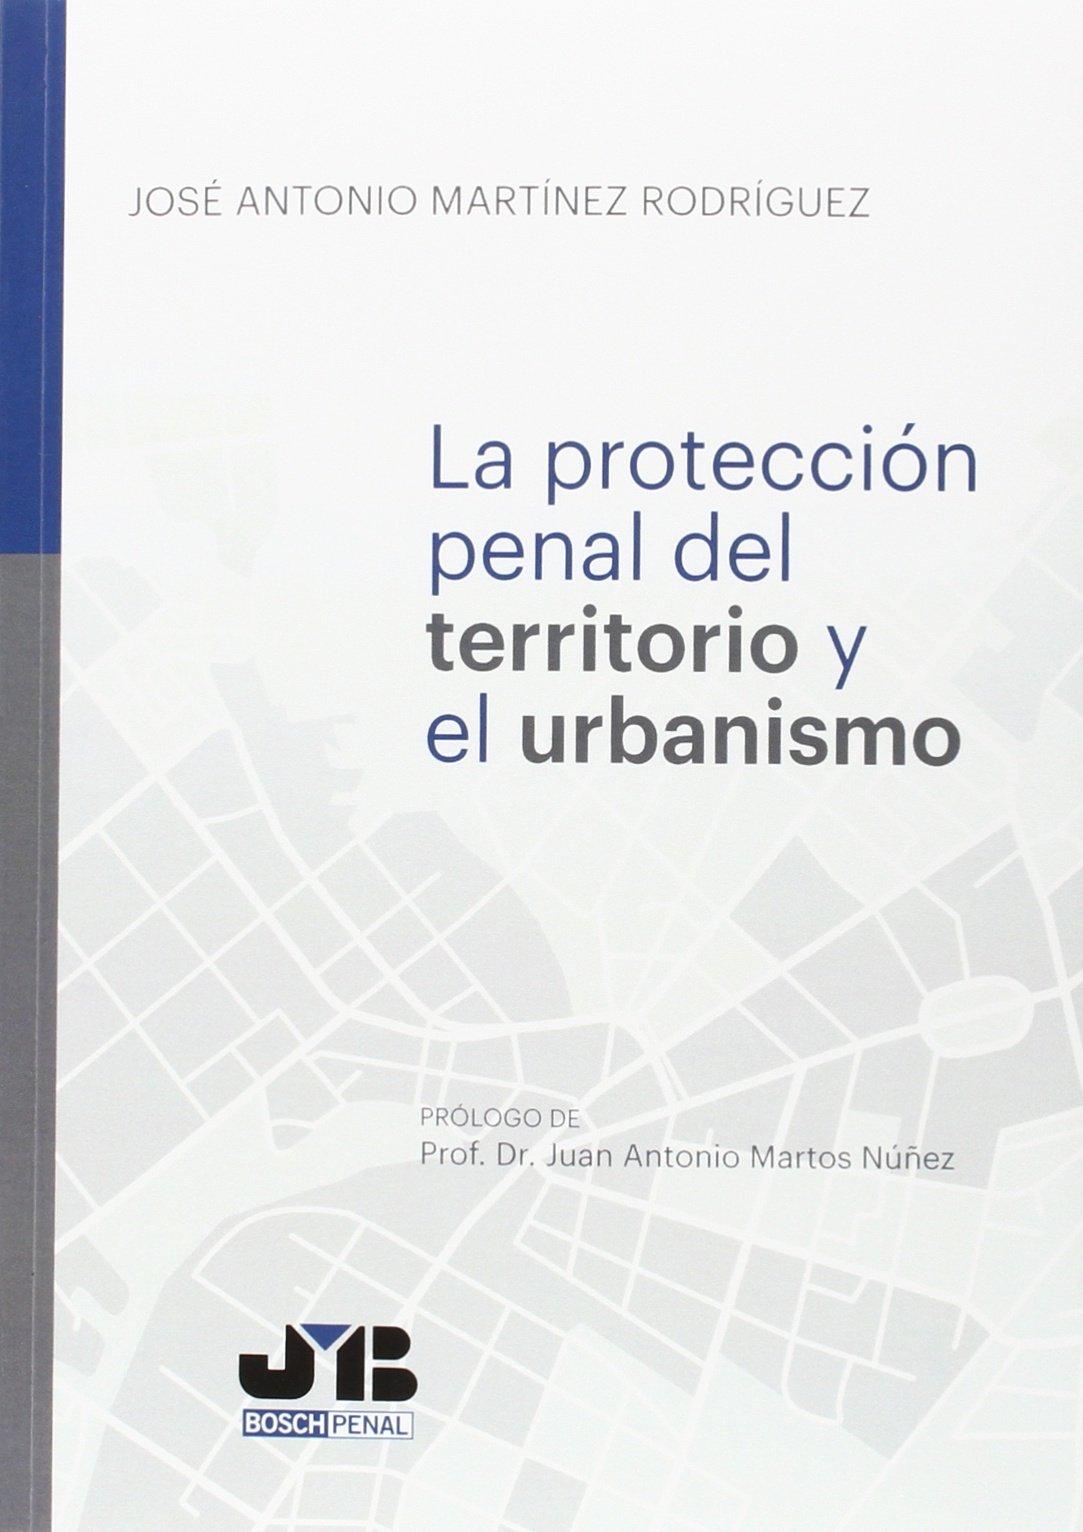 Protección penal del territorio y el urbanismo Bosch Penal: Amazon.es: José Antonio Martínez Rodríguez: Libros